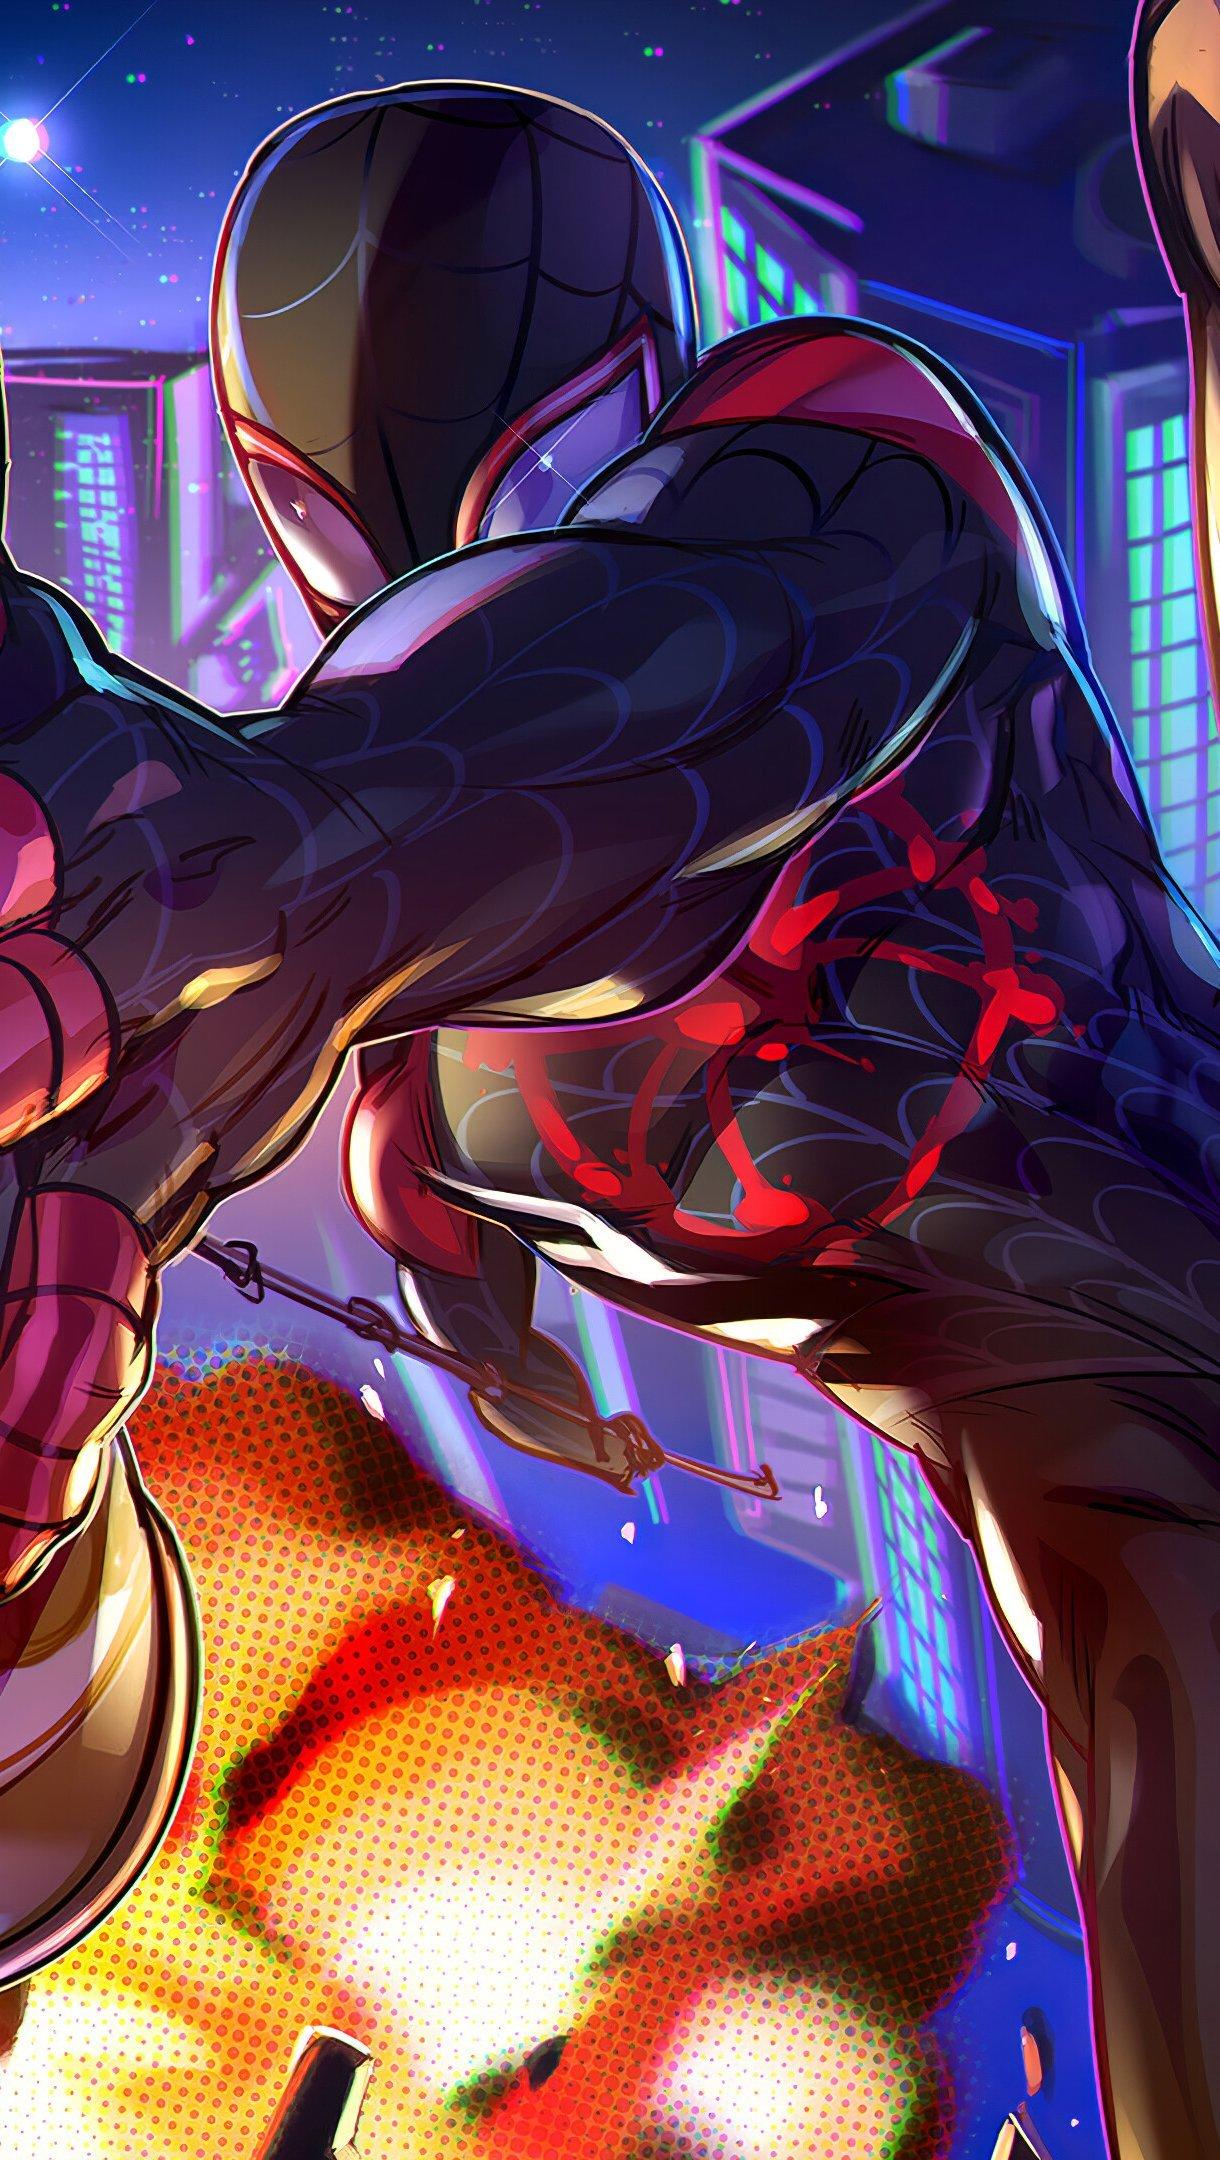 Fondos de pantalla Miles Morales de SpiderMan: Un nuevo universo Fanart Vertical